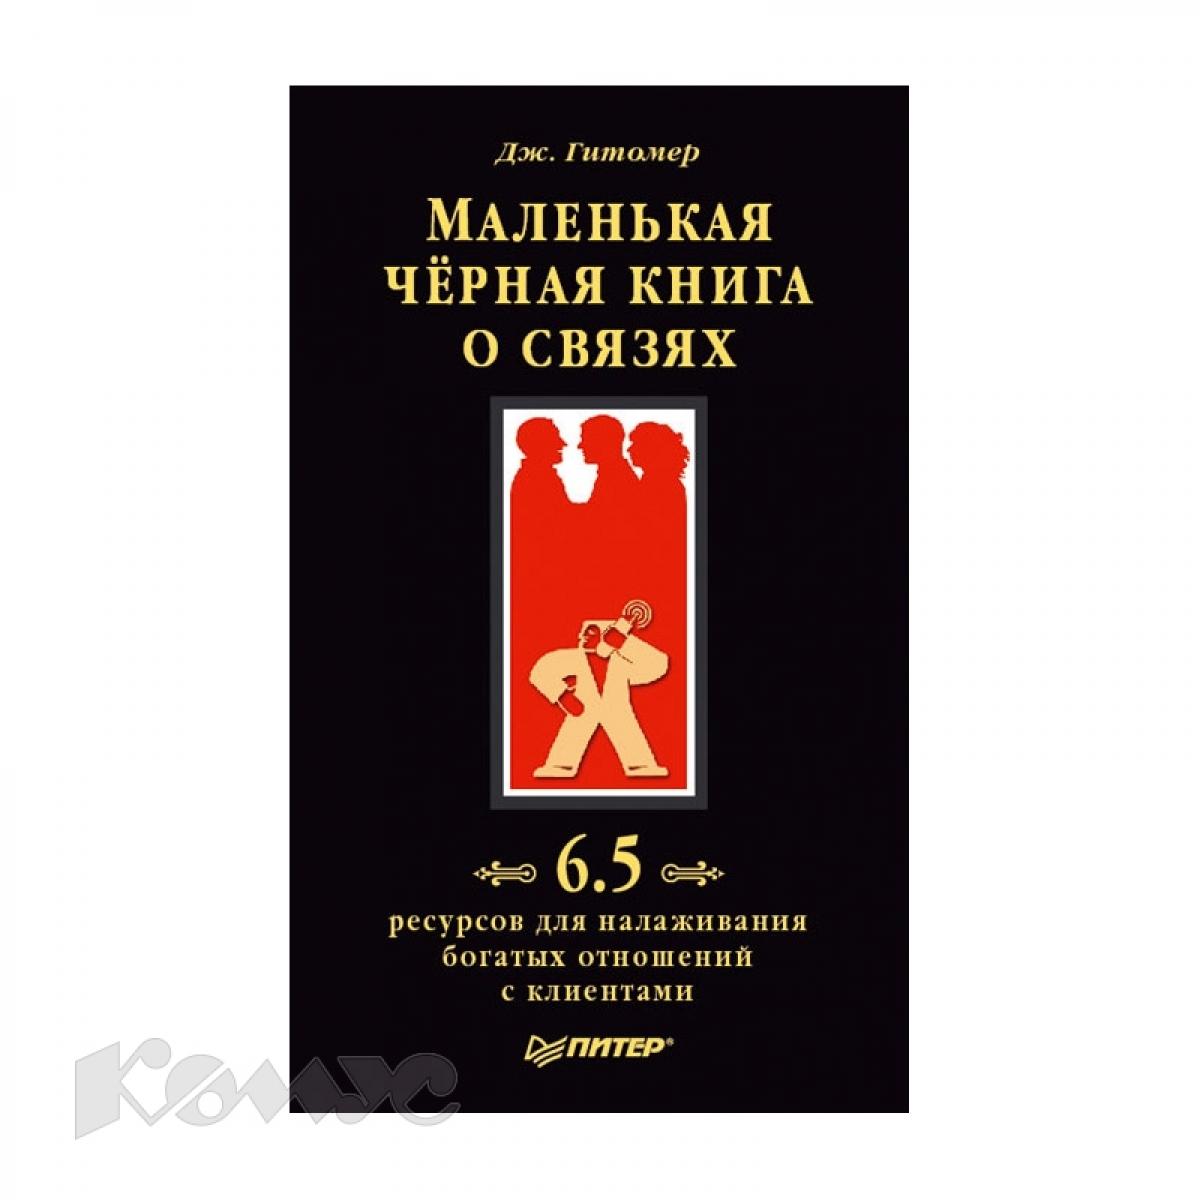 Обложка книги:  дж. гитомер - маленькая черная книга о связях